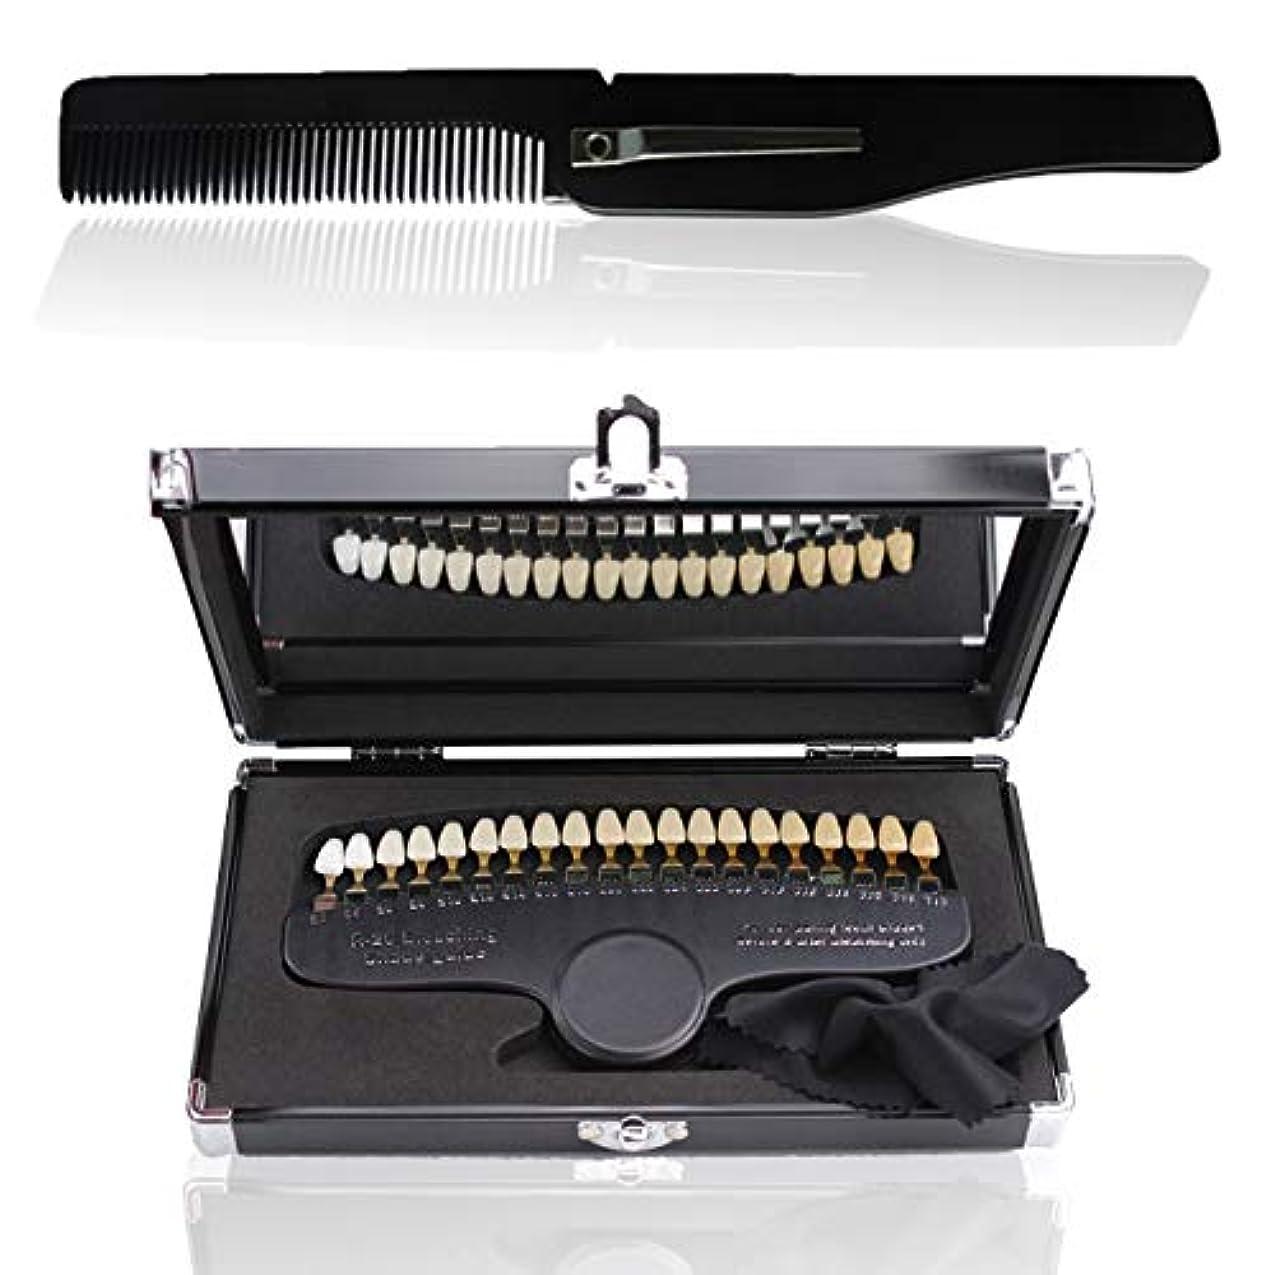 シプリー論文フェミニンフェリモア 歯 シェードガイド 色見本 歯列模型 段階的 櫛付き 鏡付き 収納ケース付き 20段階 (20段階)